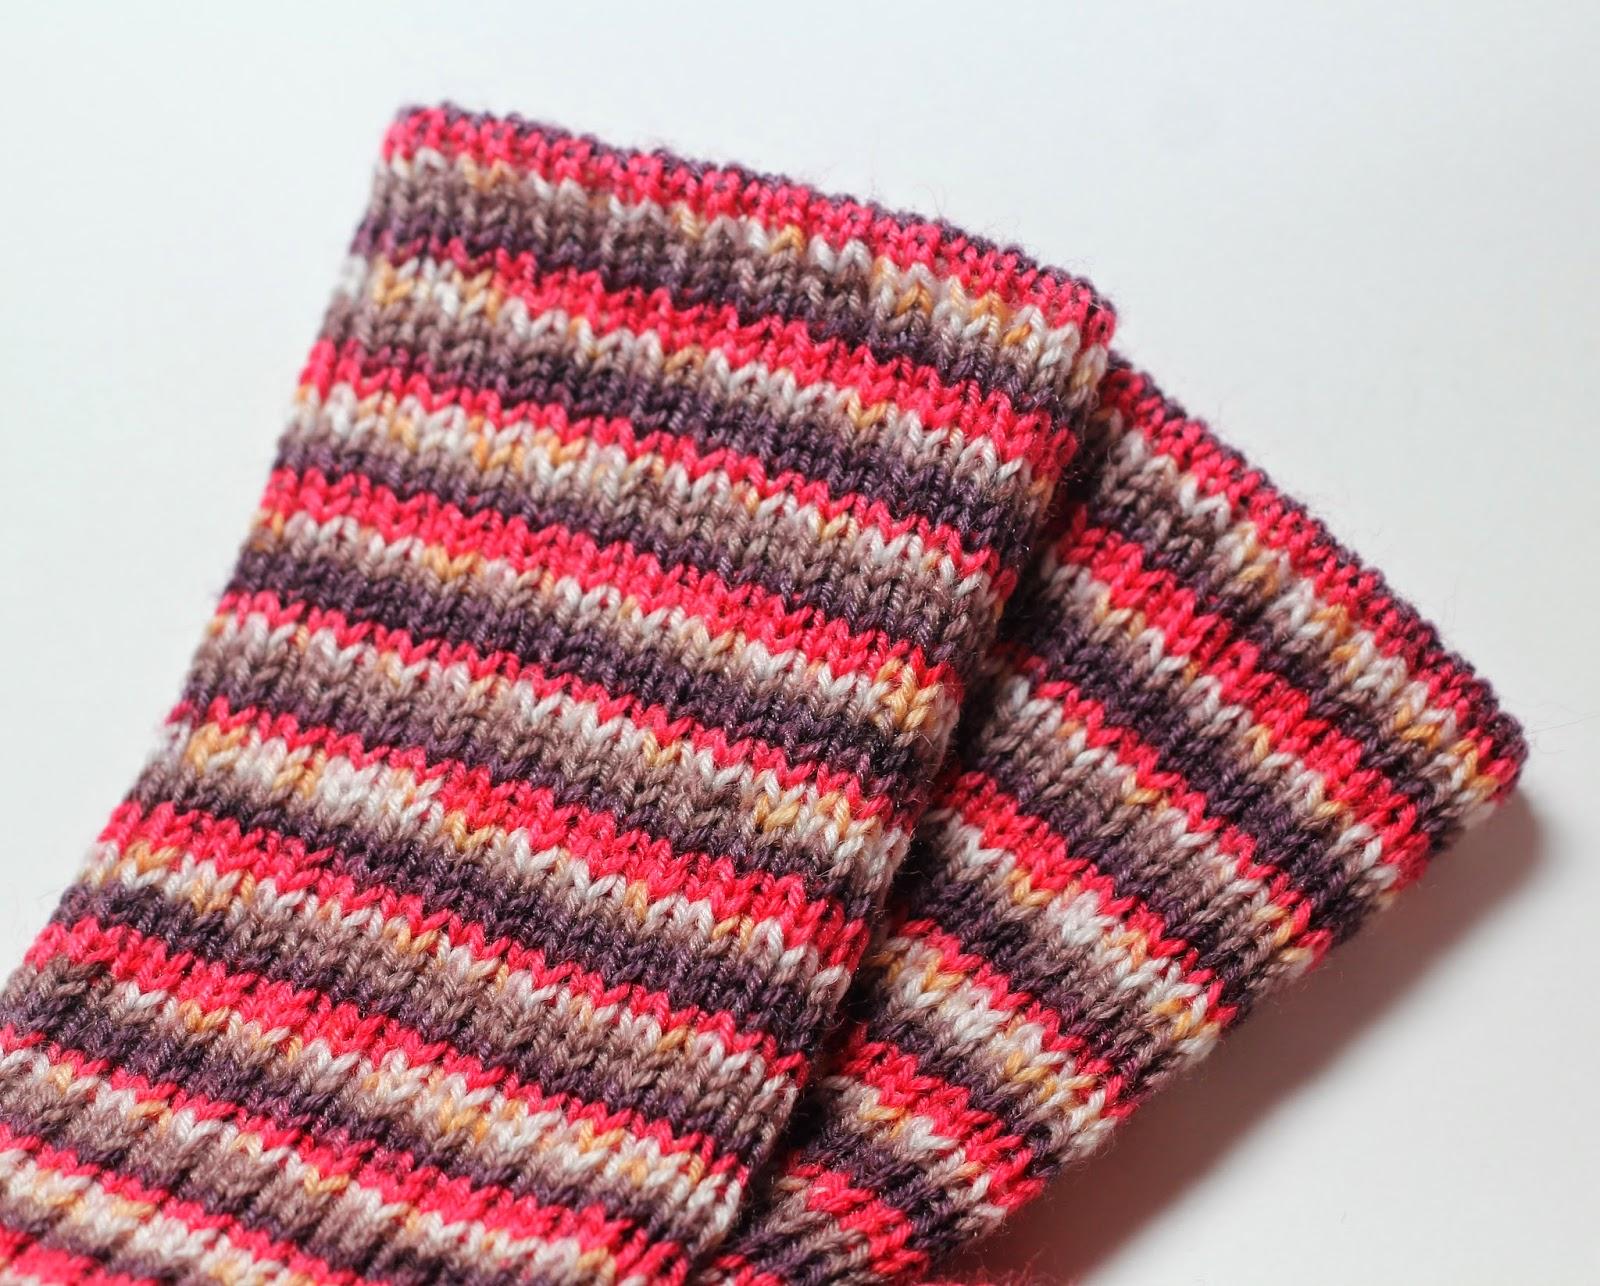 Knitting Rib Stitch On Circular Needles : Tom machine knitting guy ribbing circular cast on